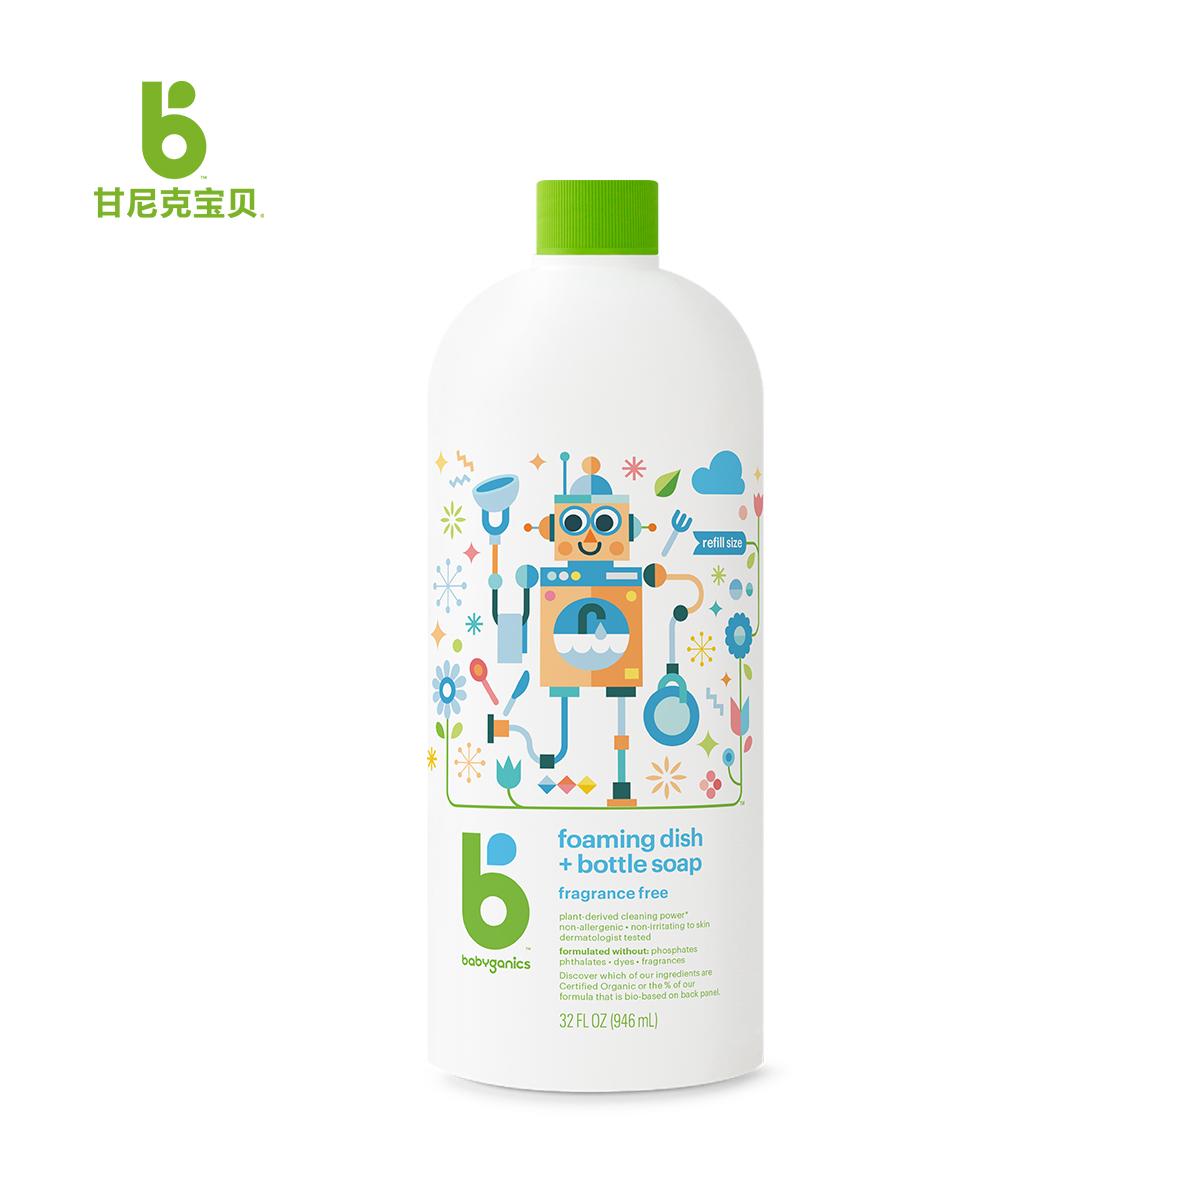 甘尼克宝贝BabyGanics奶瓶餐具清洁液补充装奶瓶清洗剂进口